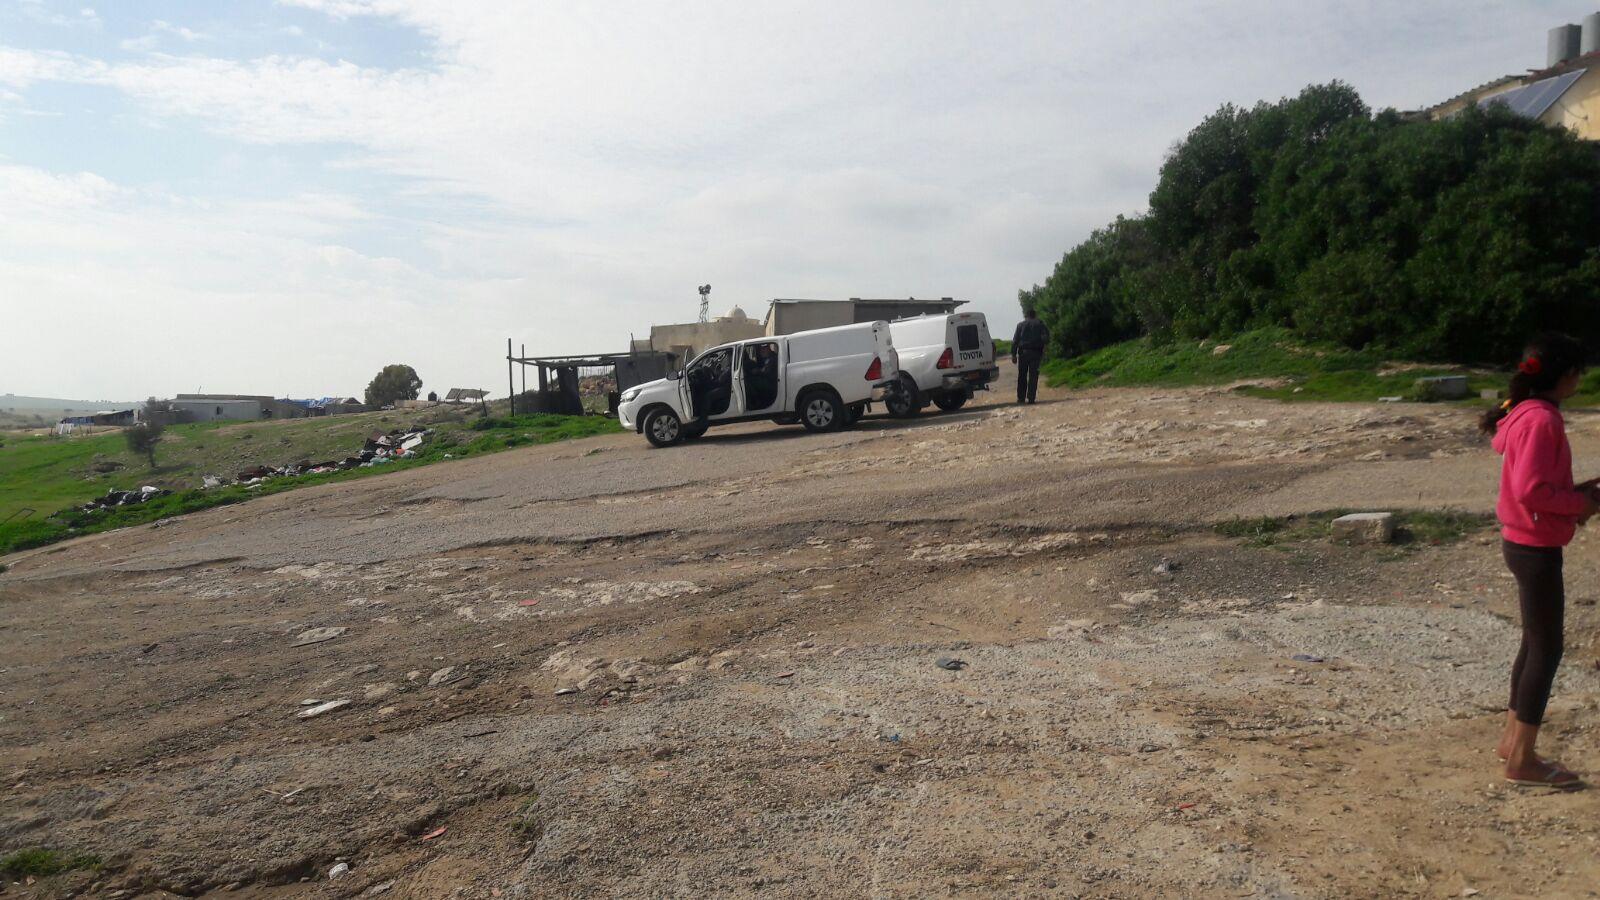 الشرطة الإسرائيلية تمهل أهالي أم الحيران شهرا لإخلاء منازلهم